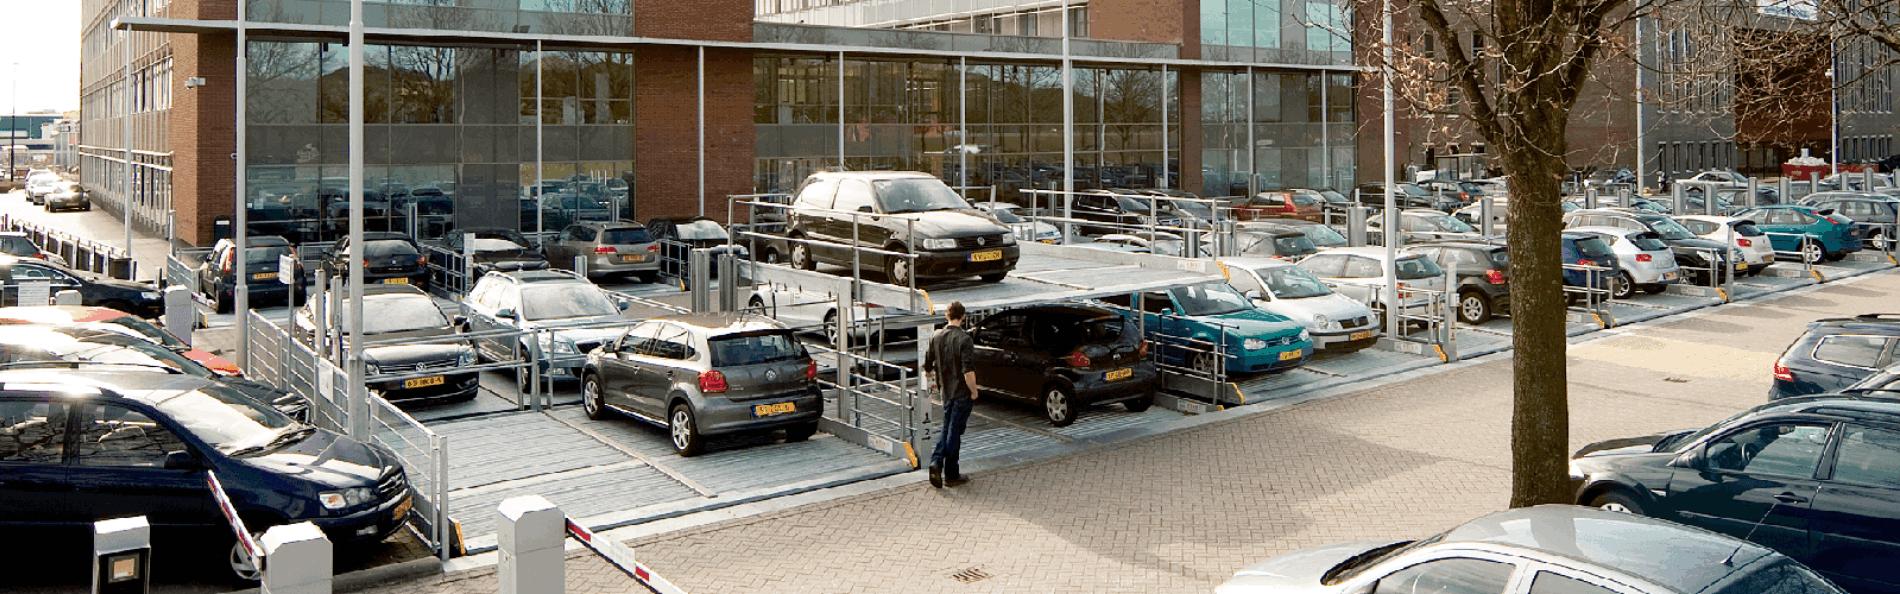 Car Parkers Nederland staat voor